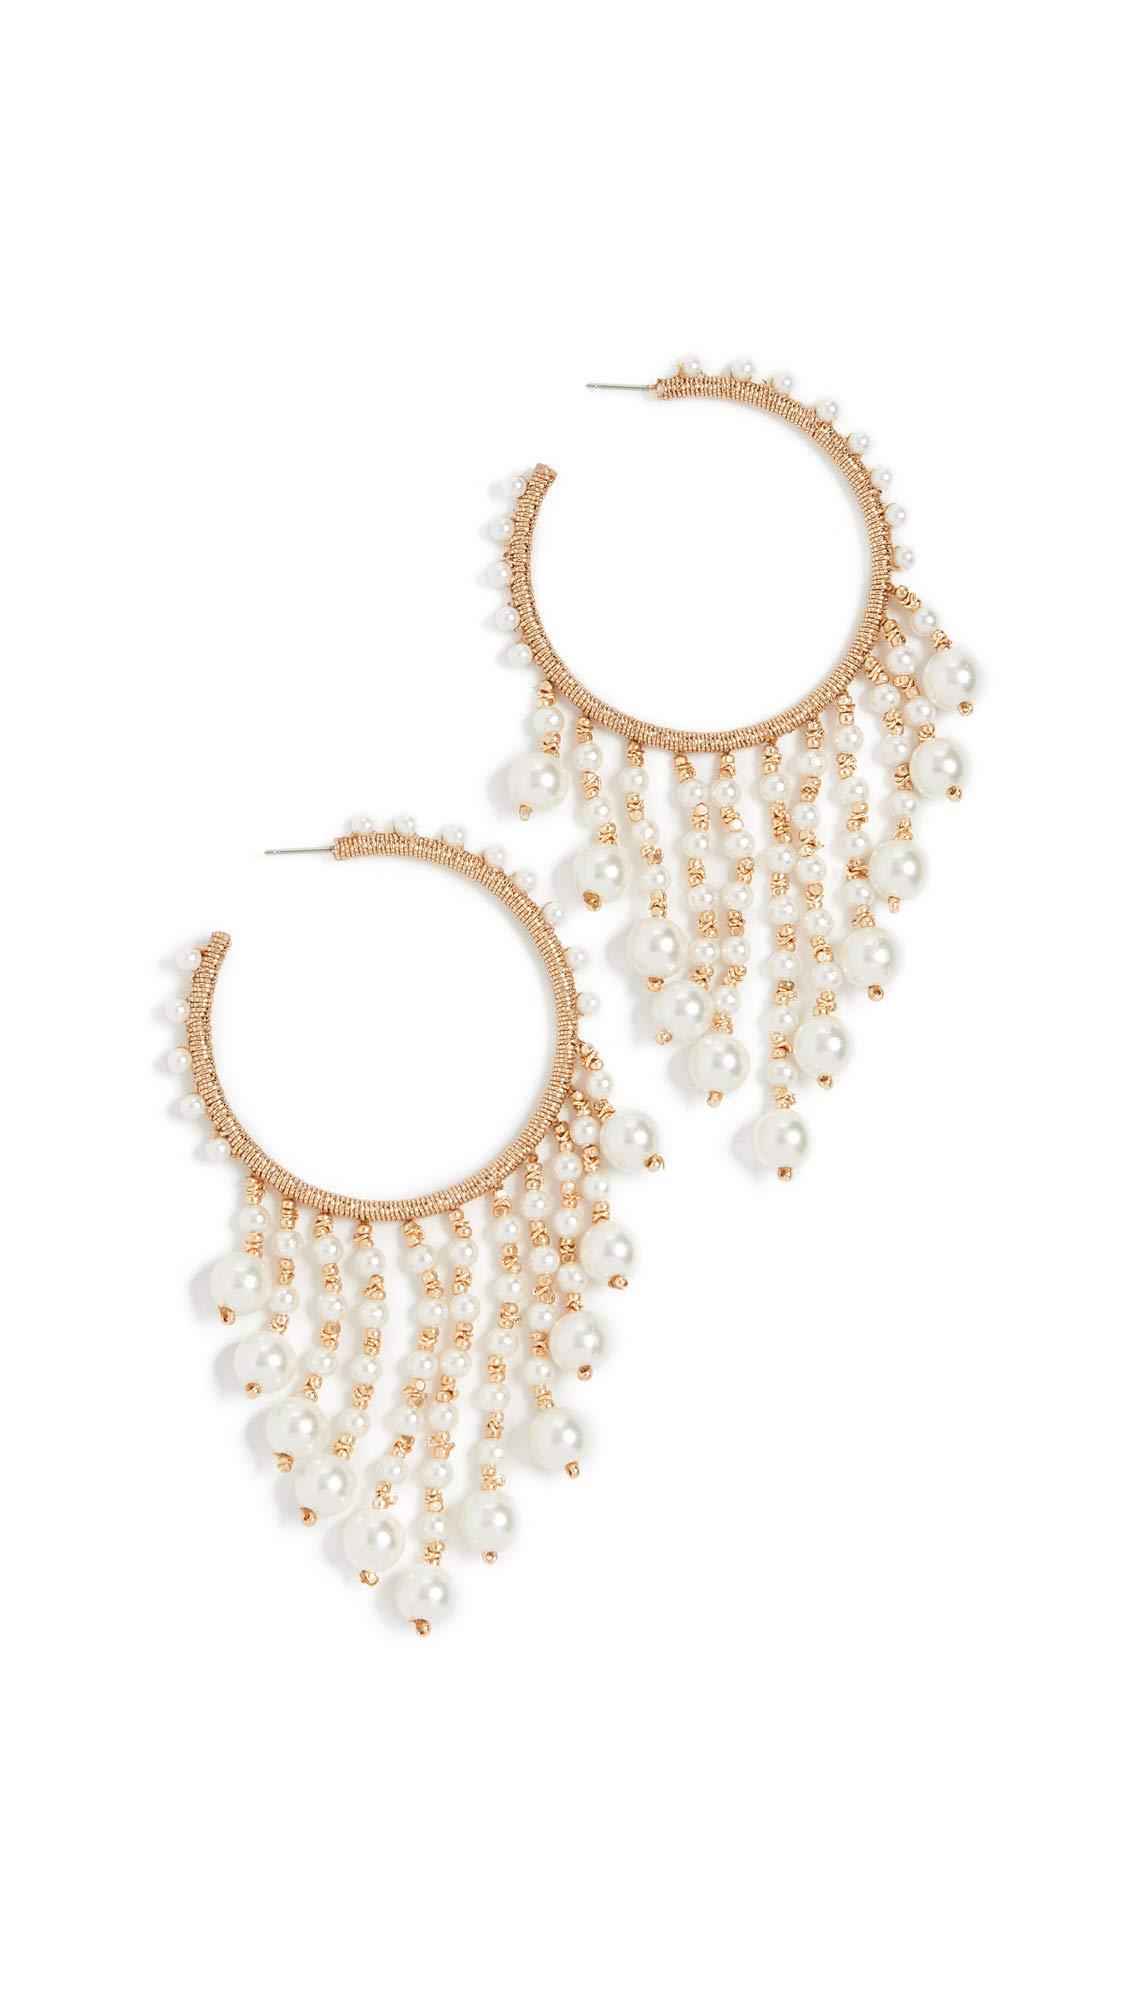 Oscar de la Renta Women's Hoop Earrings with Drop Beading, White, One Size by OSCAR DE LA RENTA